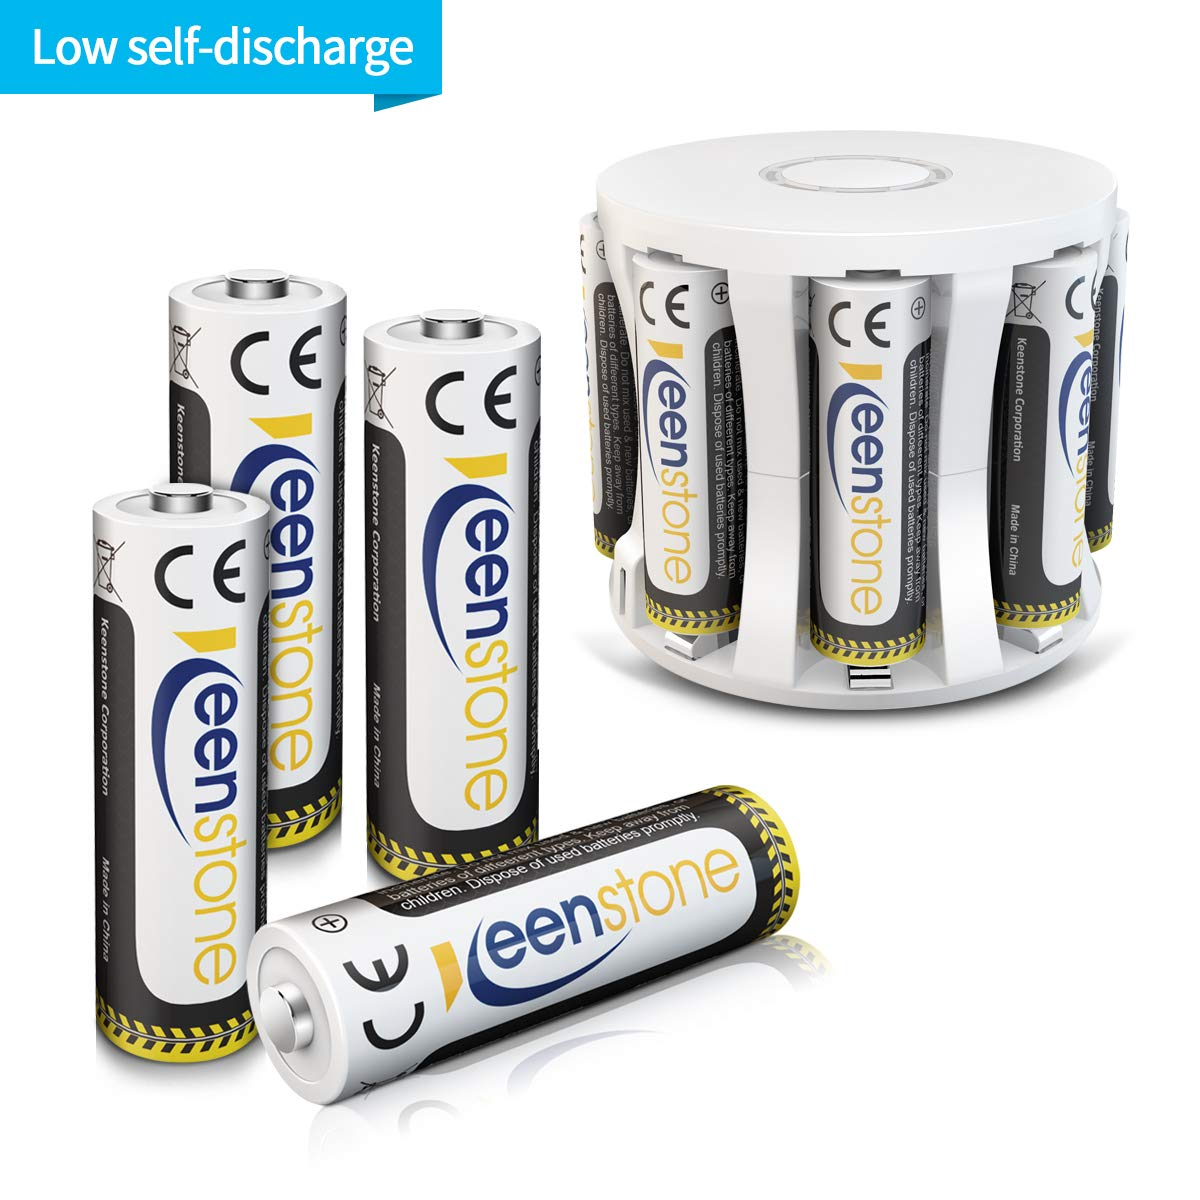 Keenstone Pilas Recargable AA, 8PCS baterías NIMH de 1.2V 2400mAh Se Carga con el Cargador a 8 ubicaciones, Ideal para Productos de cámara, Linterna y batería Diaria